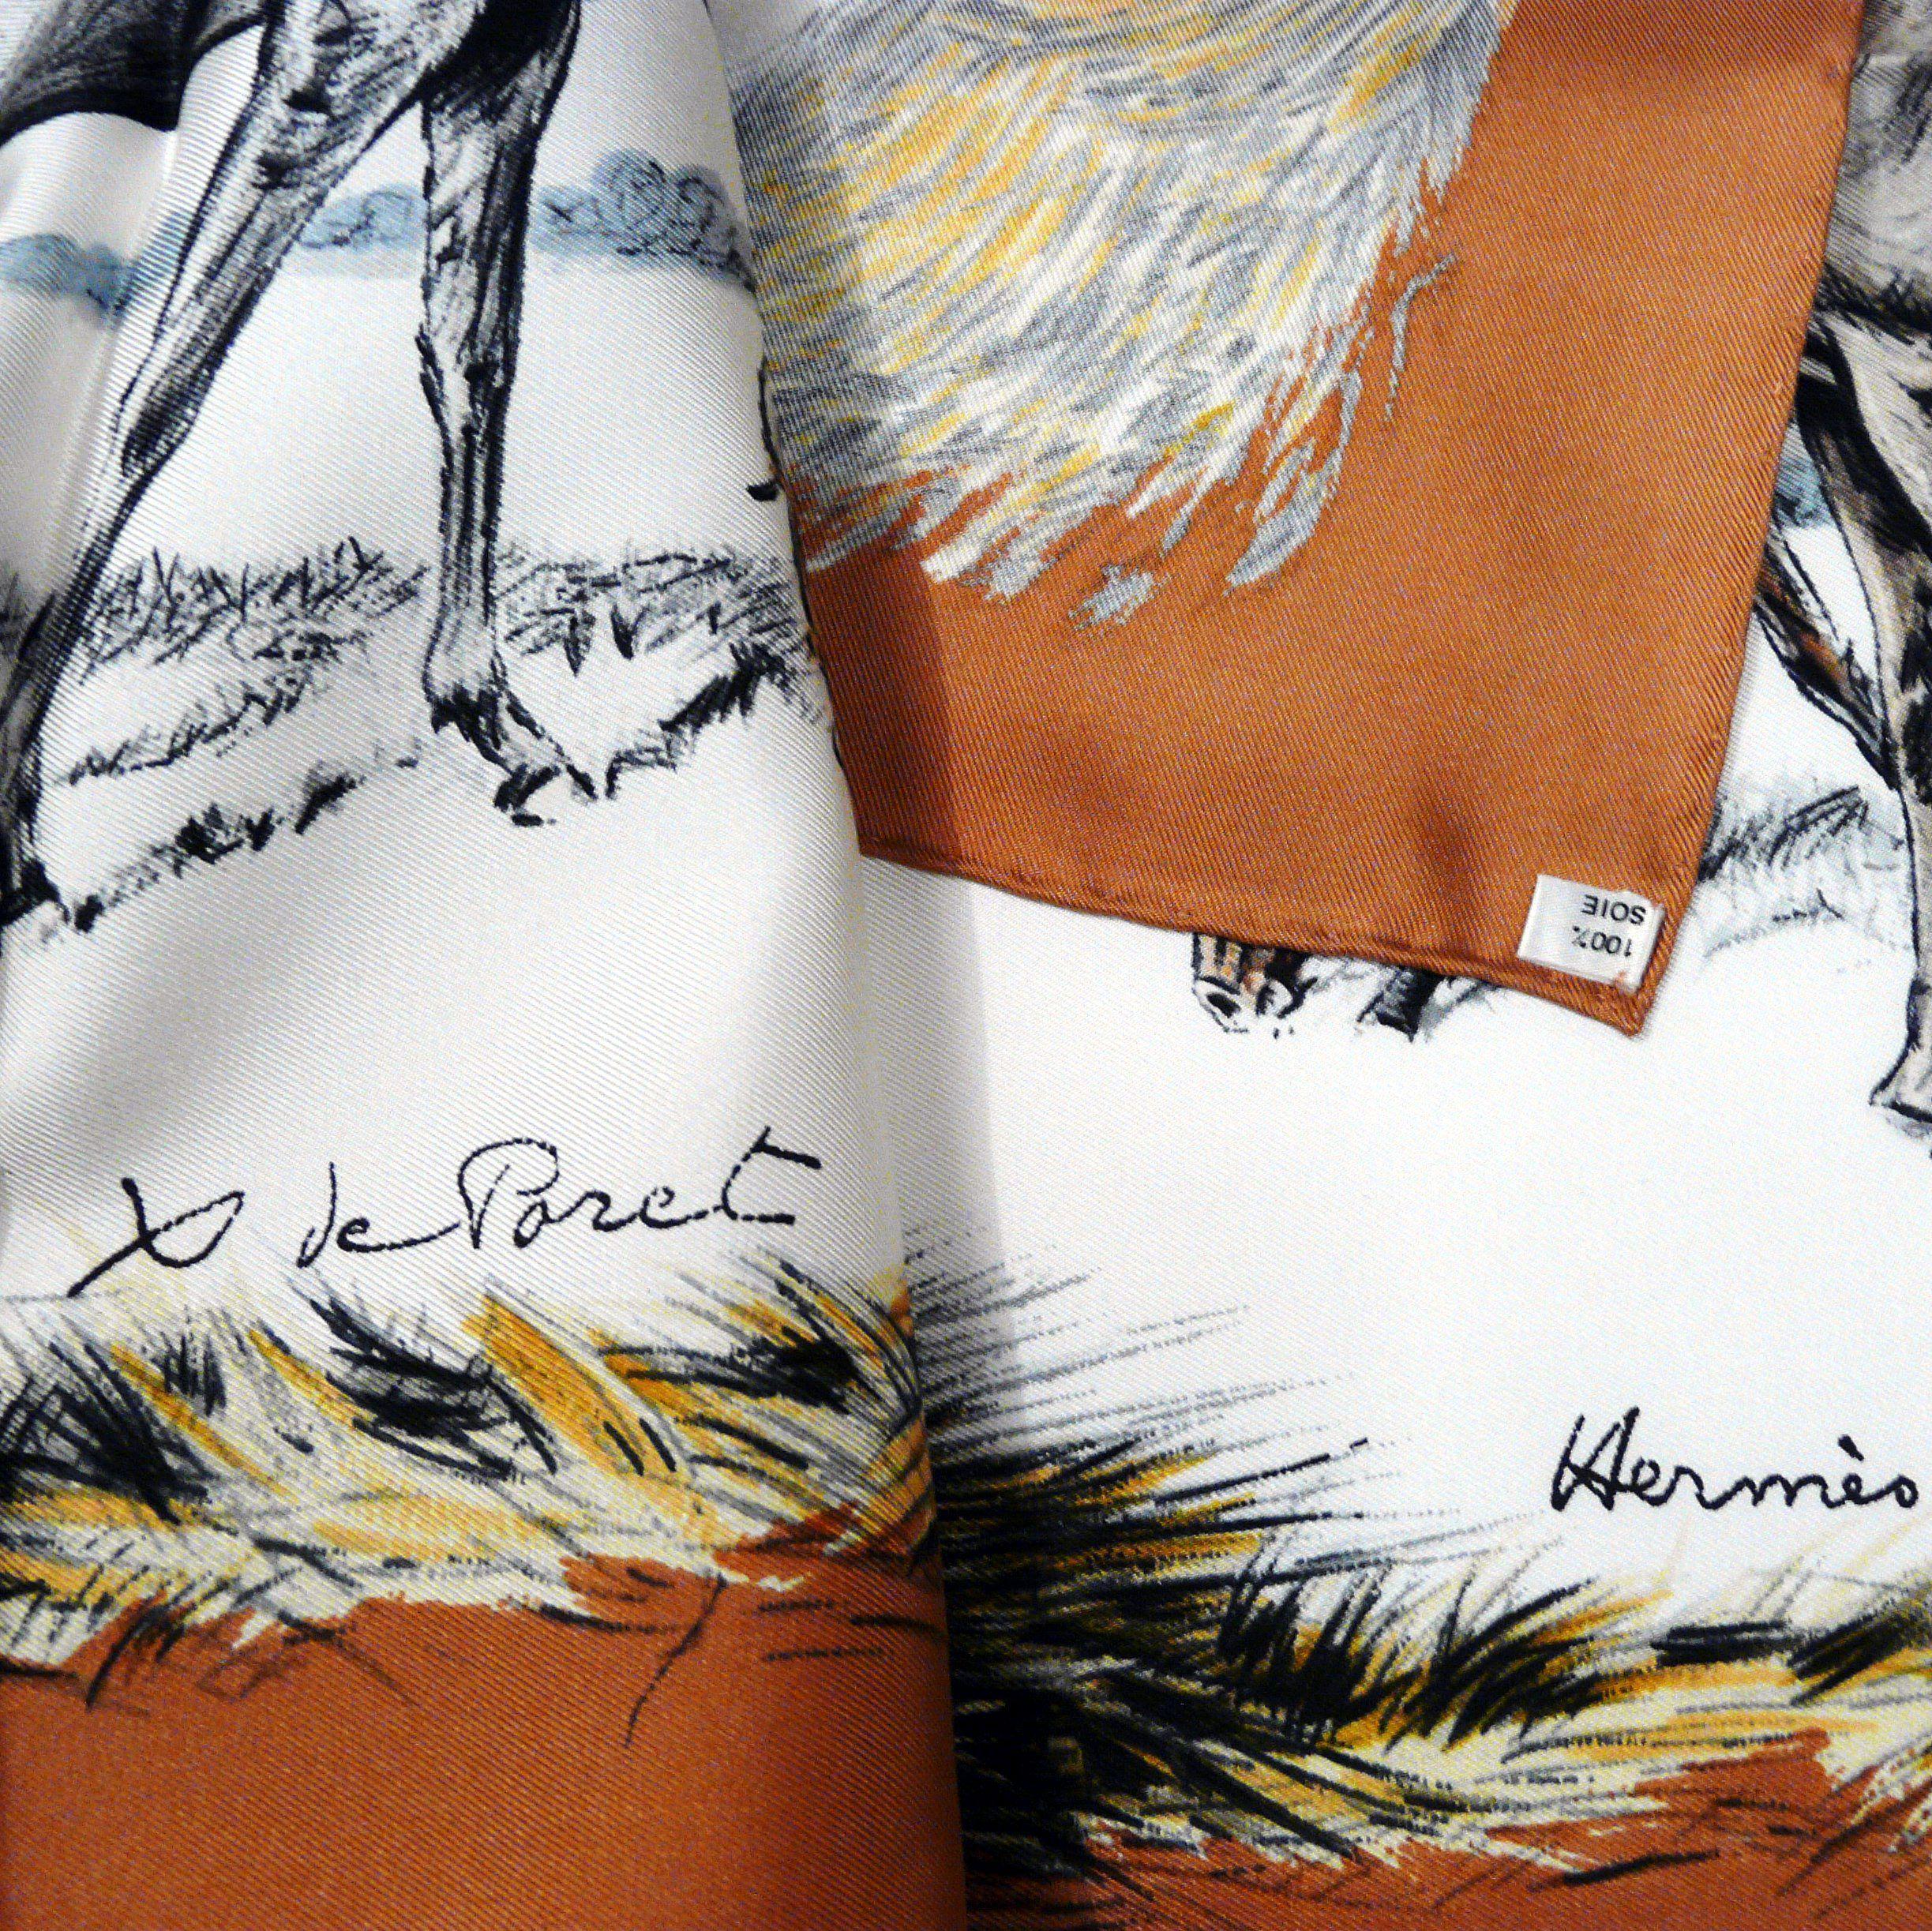 Les Poulains HERMES Paris Xavier de Poret Signature and care tag